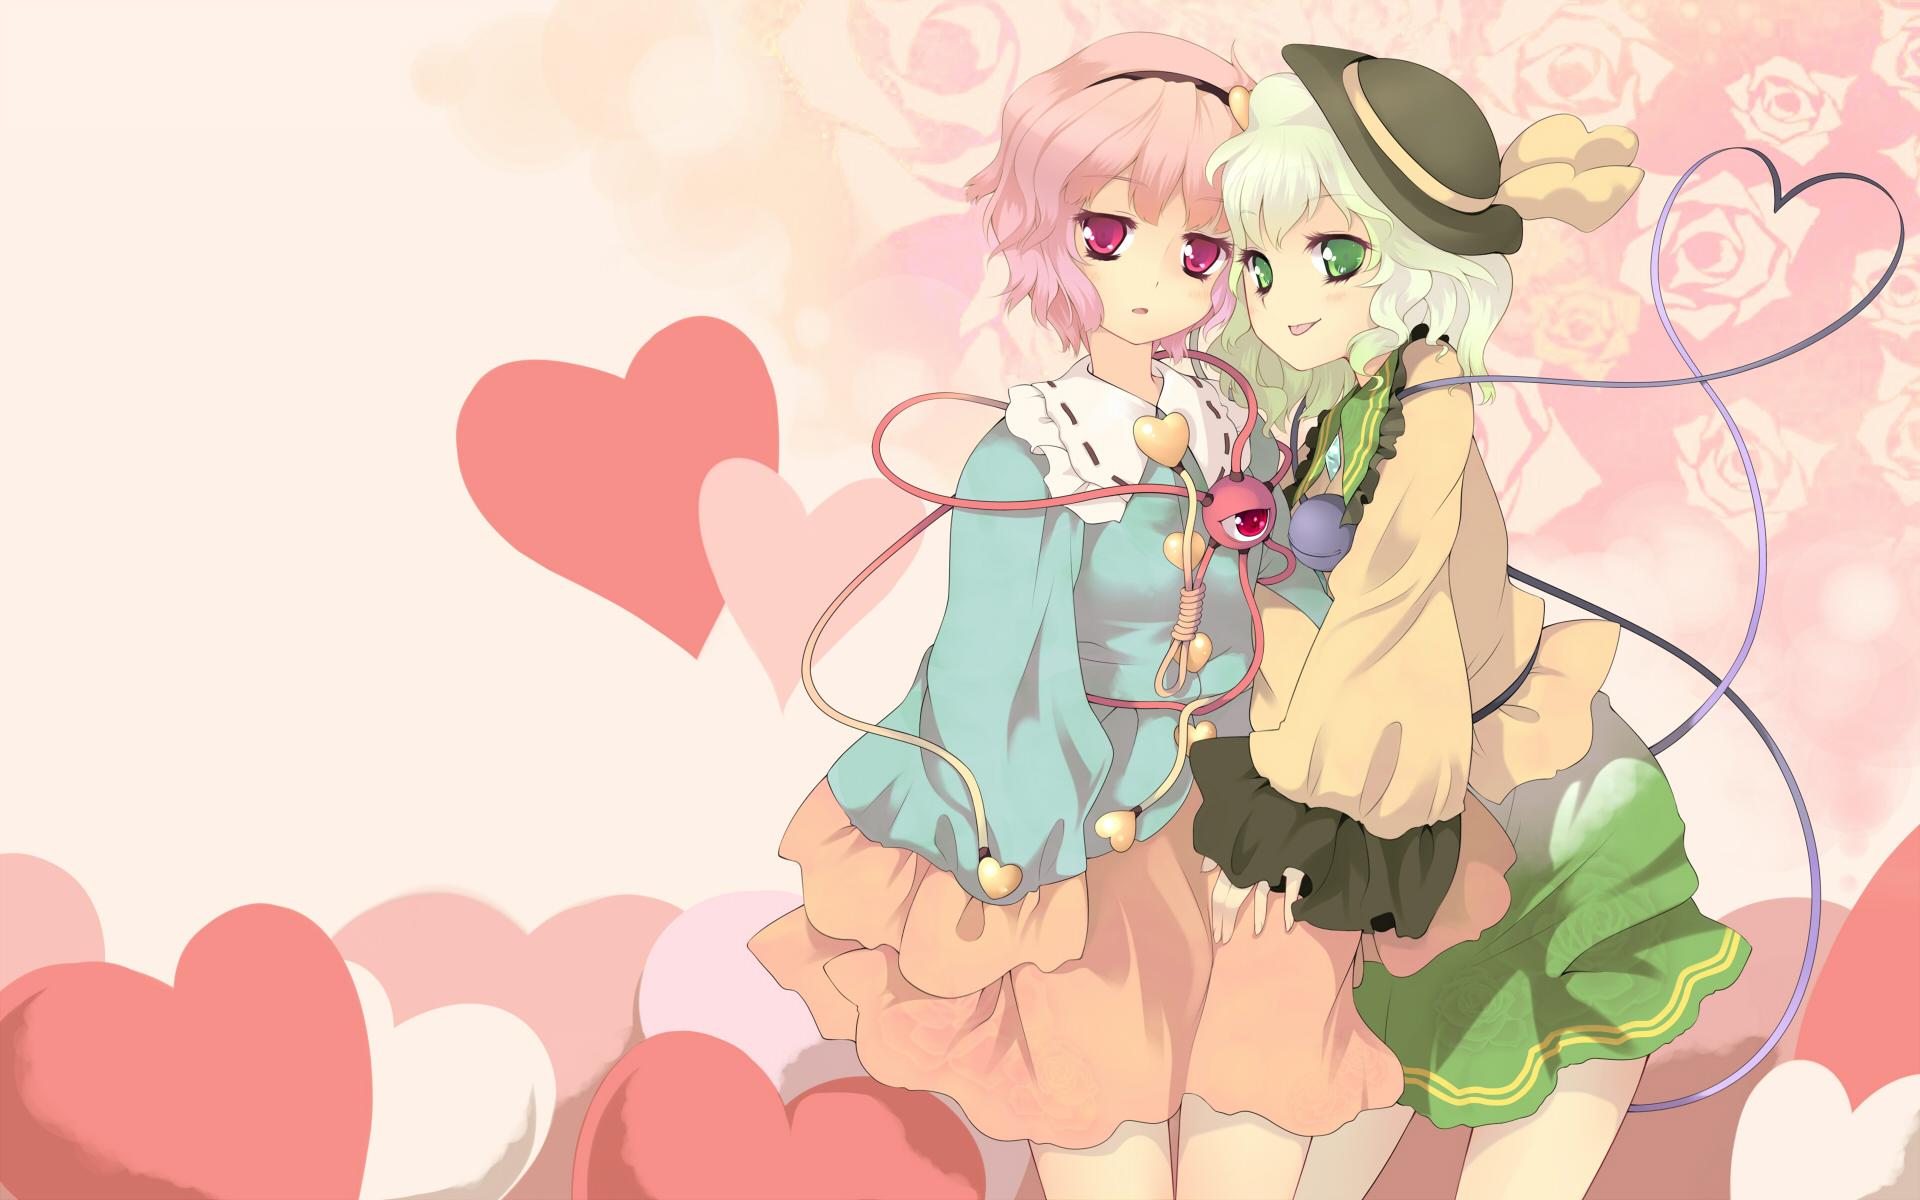 green_eyes jungetsu_hoko komeiji_koishi komeiji_satori pink_eyes purple_hair ribbons touhou